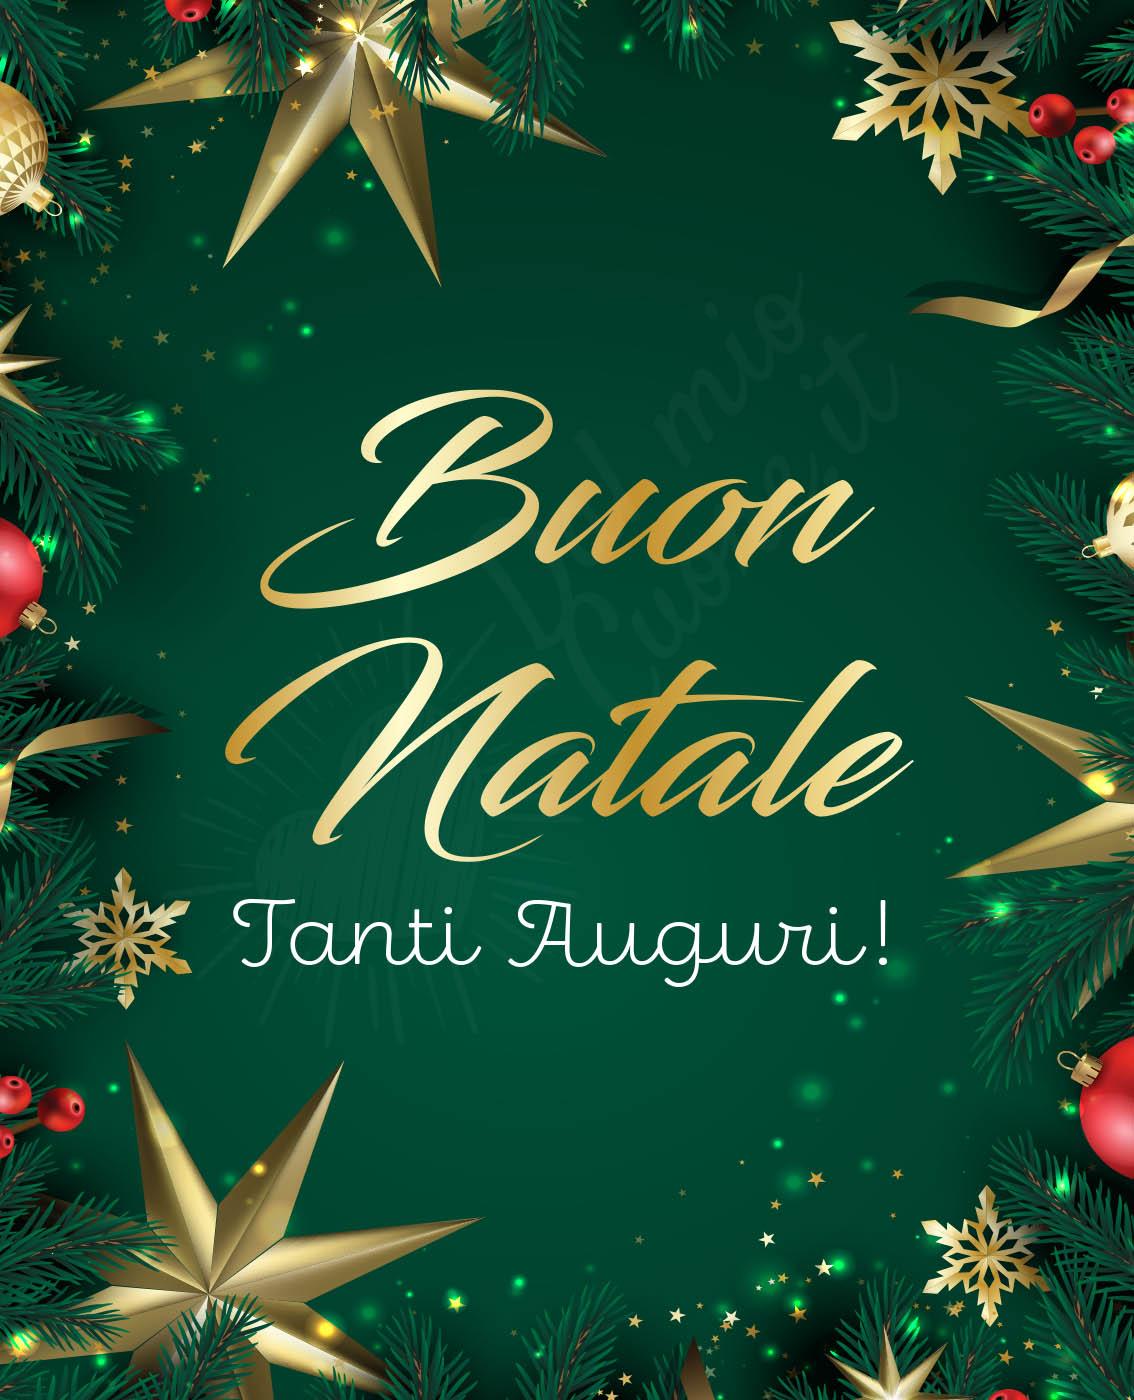 💖 Auguri di Buon Natale - Immagini, Video e GIF per Facebook e Whatsapp